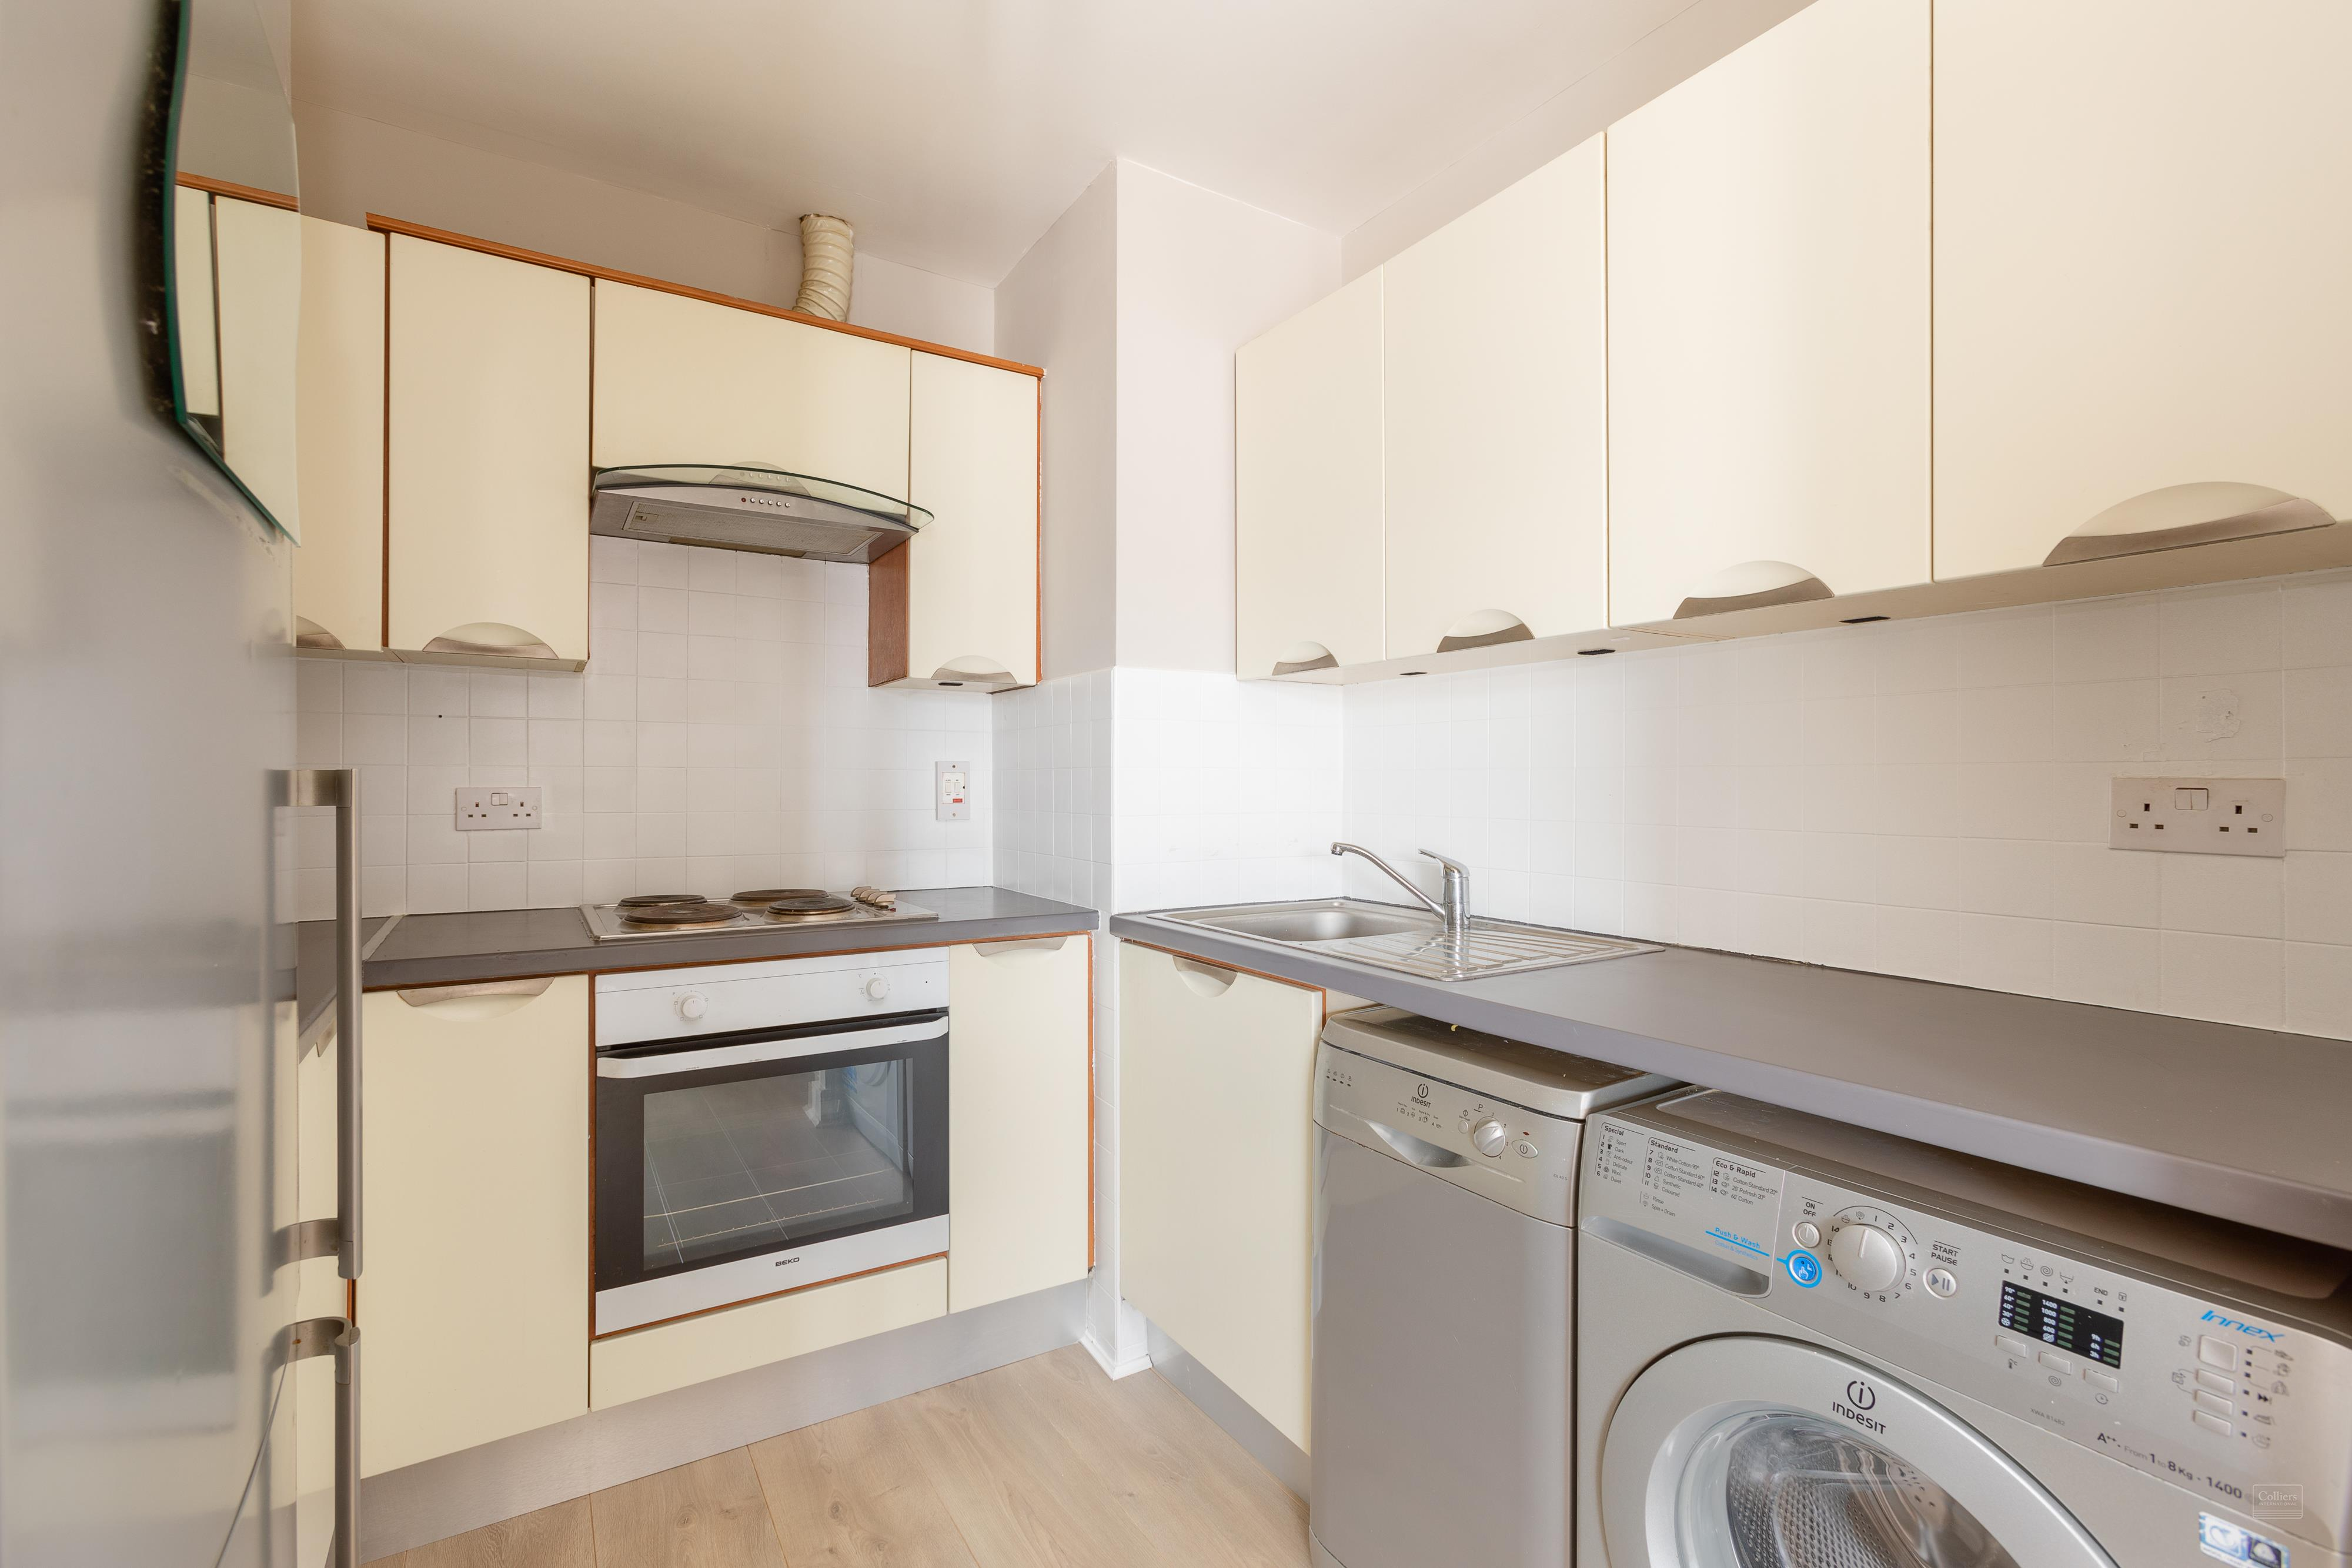 qualité supérieure vaste sélection les clients d'abord Residential For sale — Parnell Street, Dublin 1 | Ireland ...